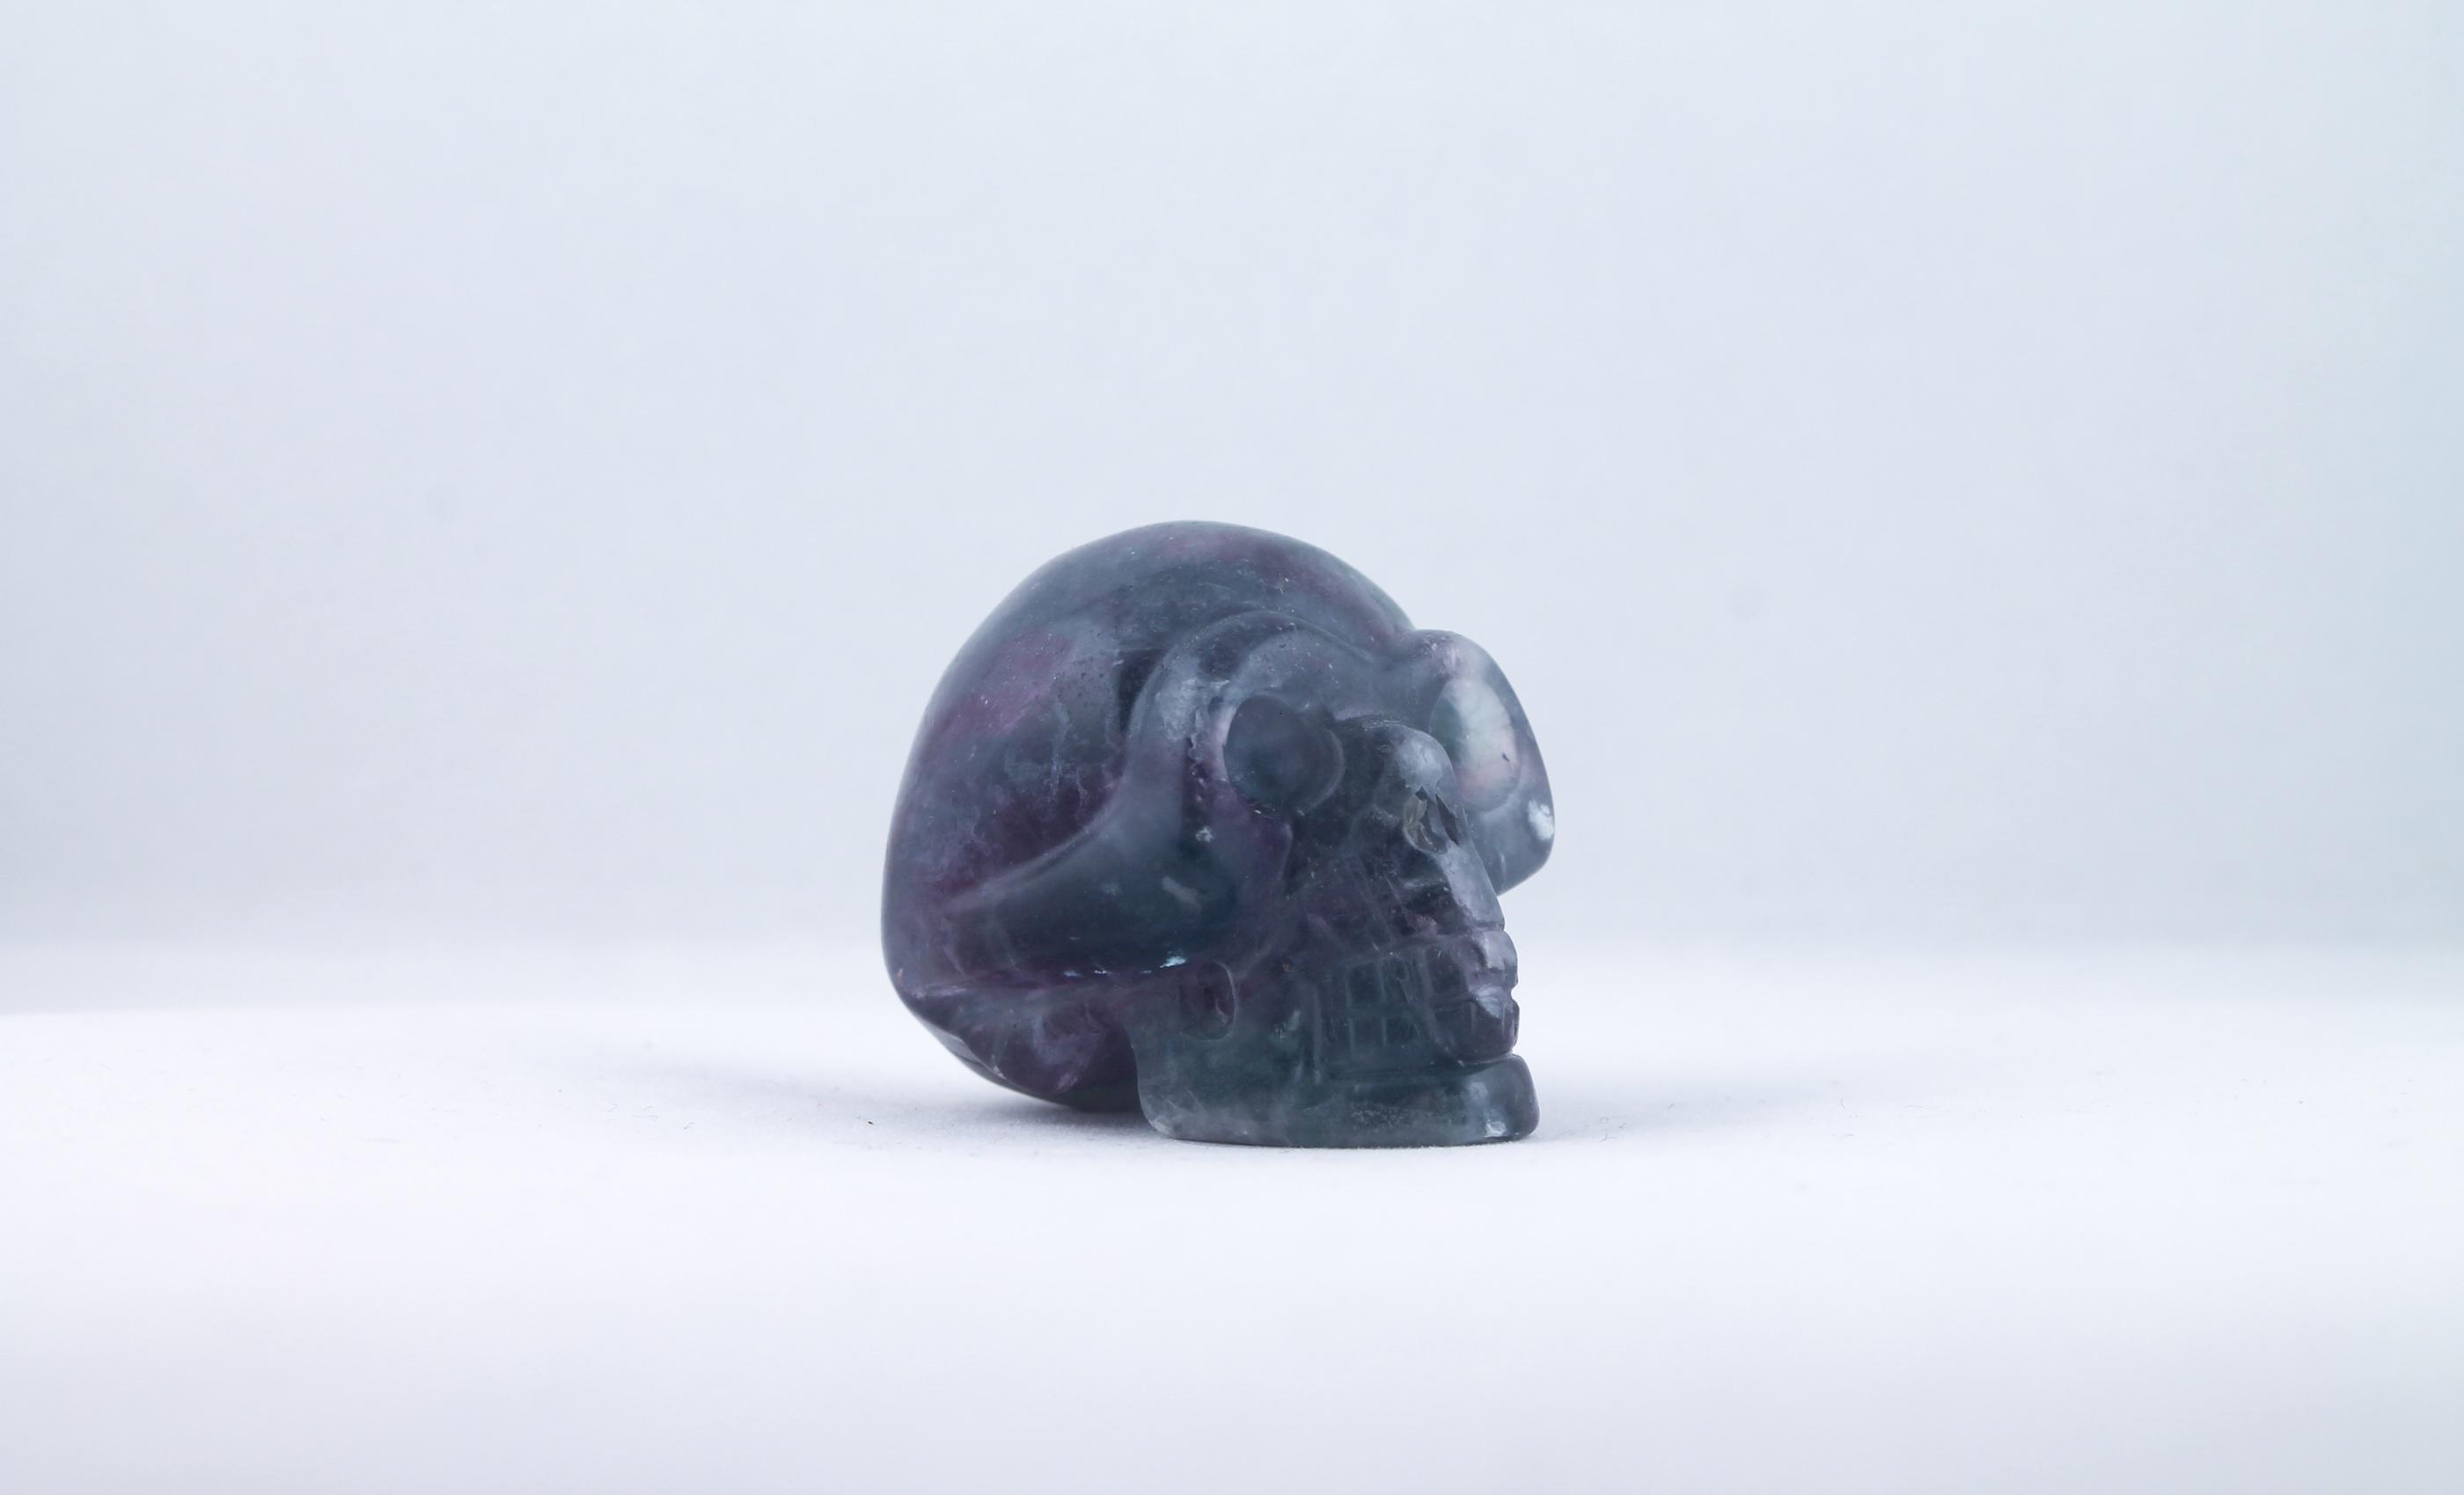 Fluorit döskalle trumlade spets stav kristaller slipade stenar healing stenar chakra stenar Wellness Ayurveda Halmstadmassören Halmstad Sverige Sweden svensk